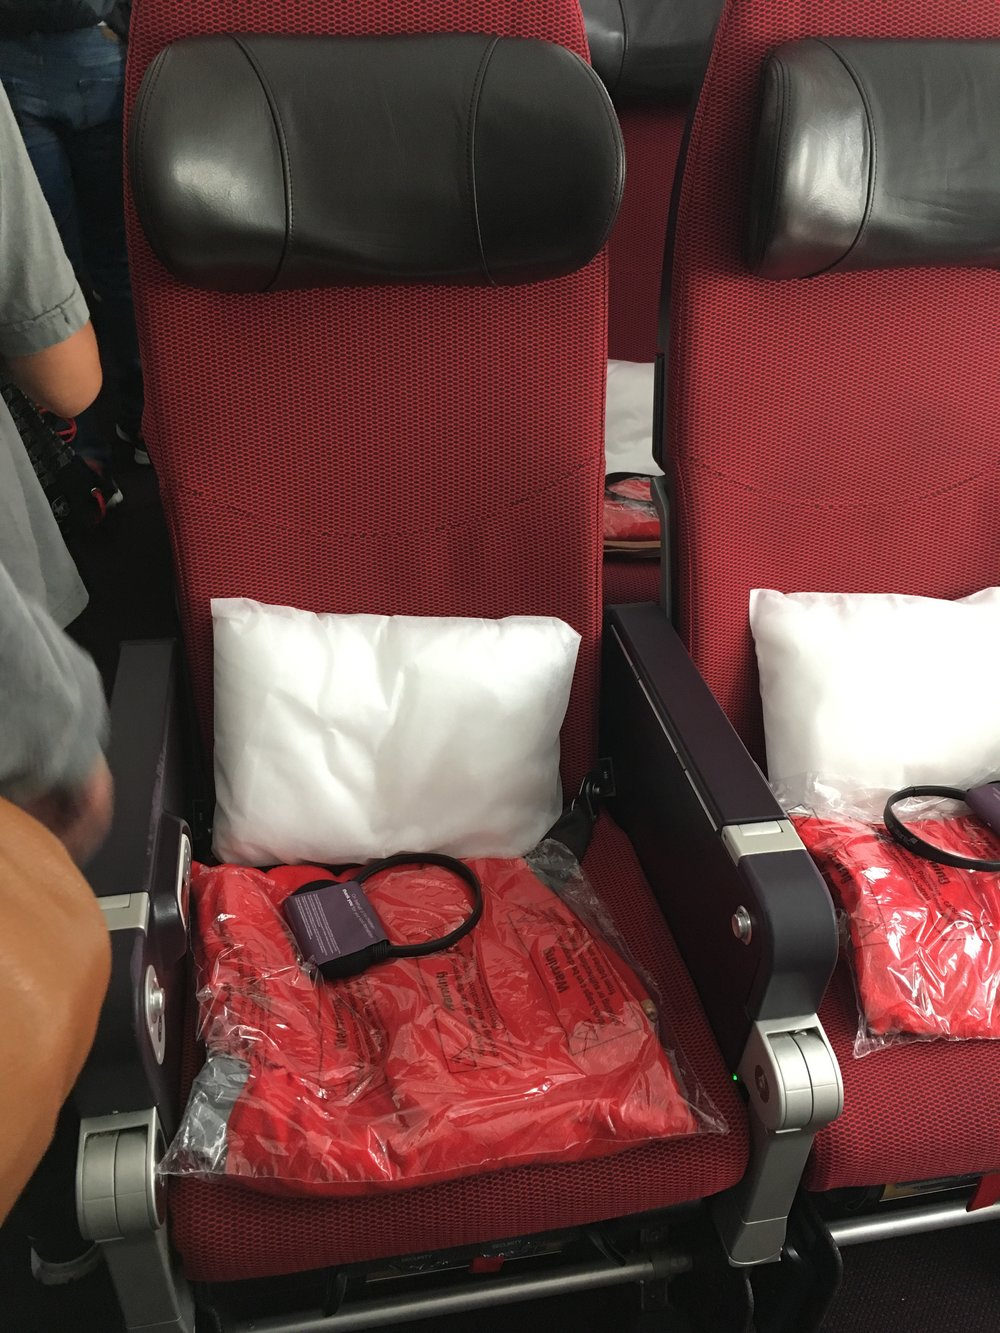 Virgin Atlantic Boeing 787 Dreamliner Economy Review — Girl